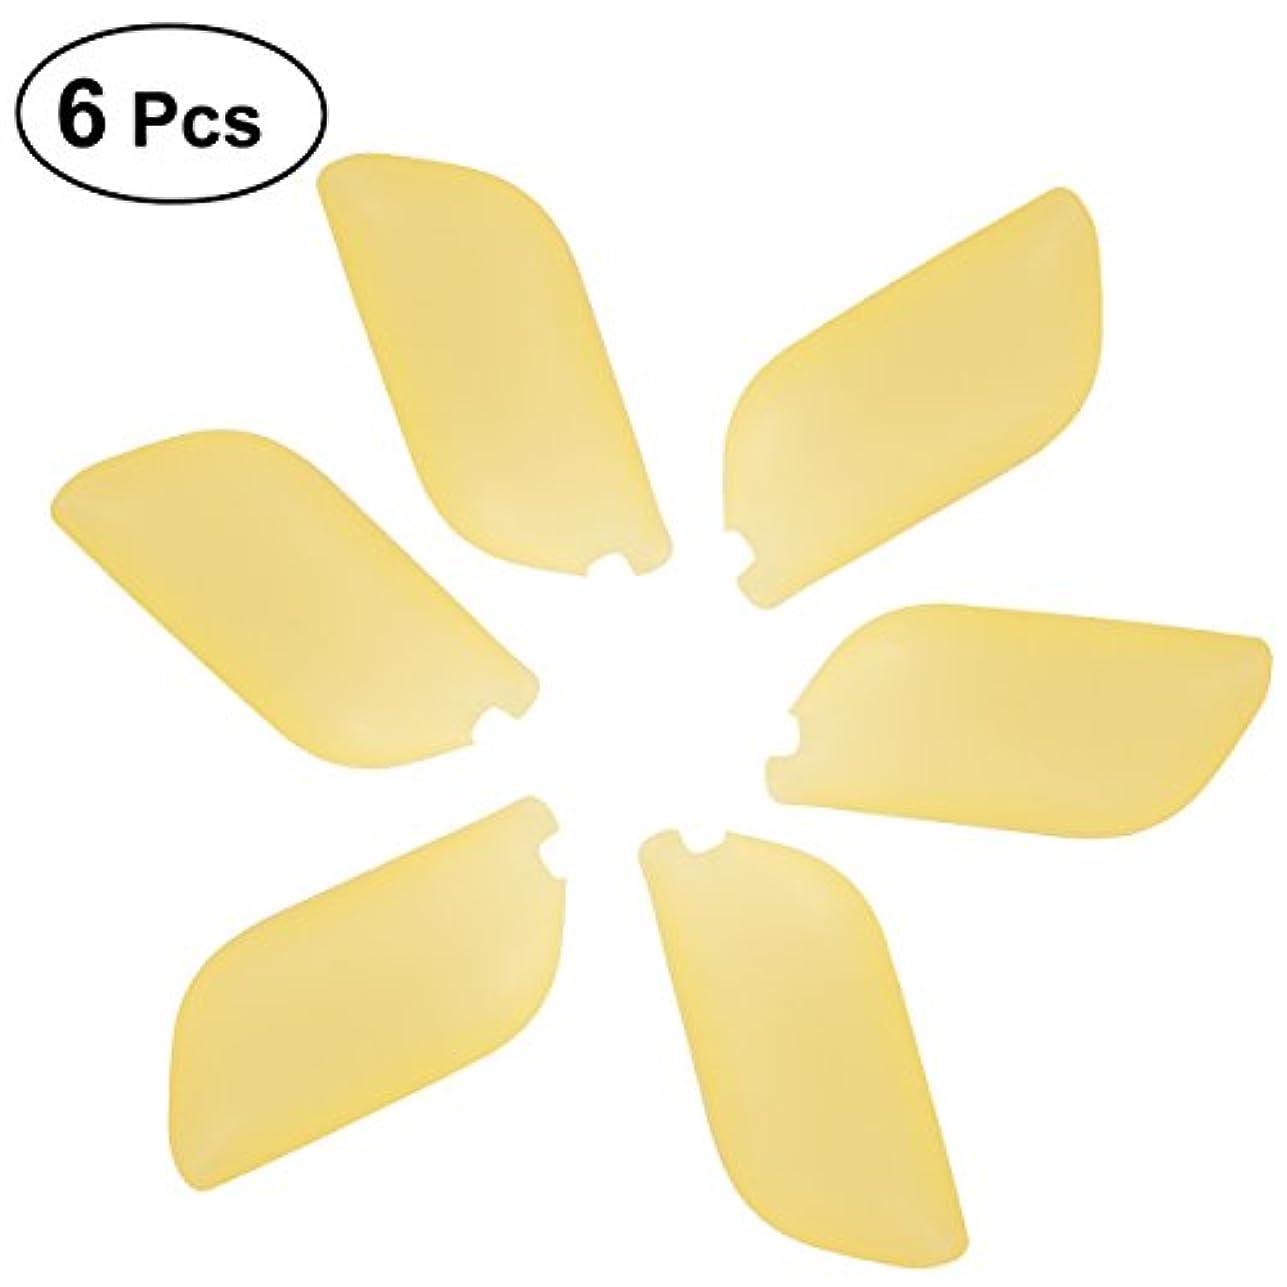 新鮮な悲惨なゲストHEALLILYシリコン歯ブラシヘッドカバーホルダー歯ブラシ保護カバー保護ケース用歯ブラシ6本